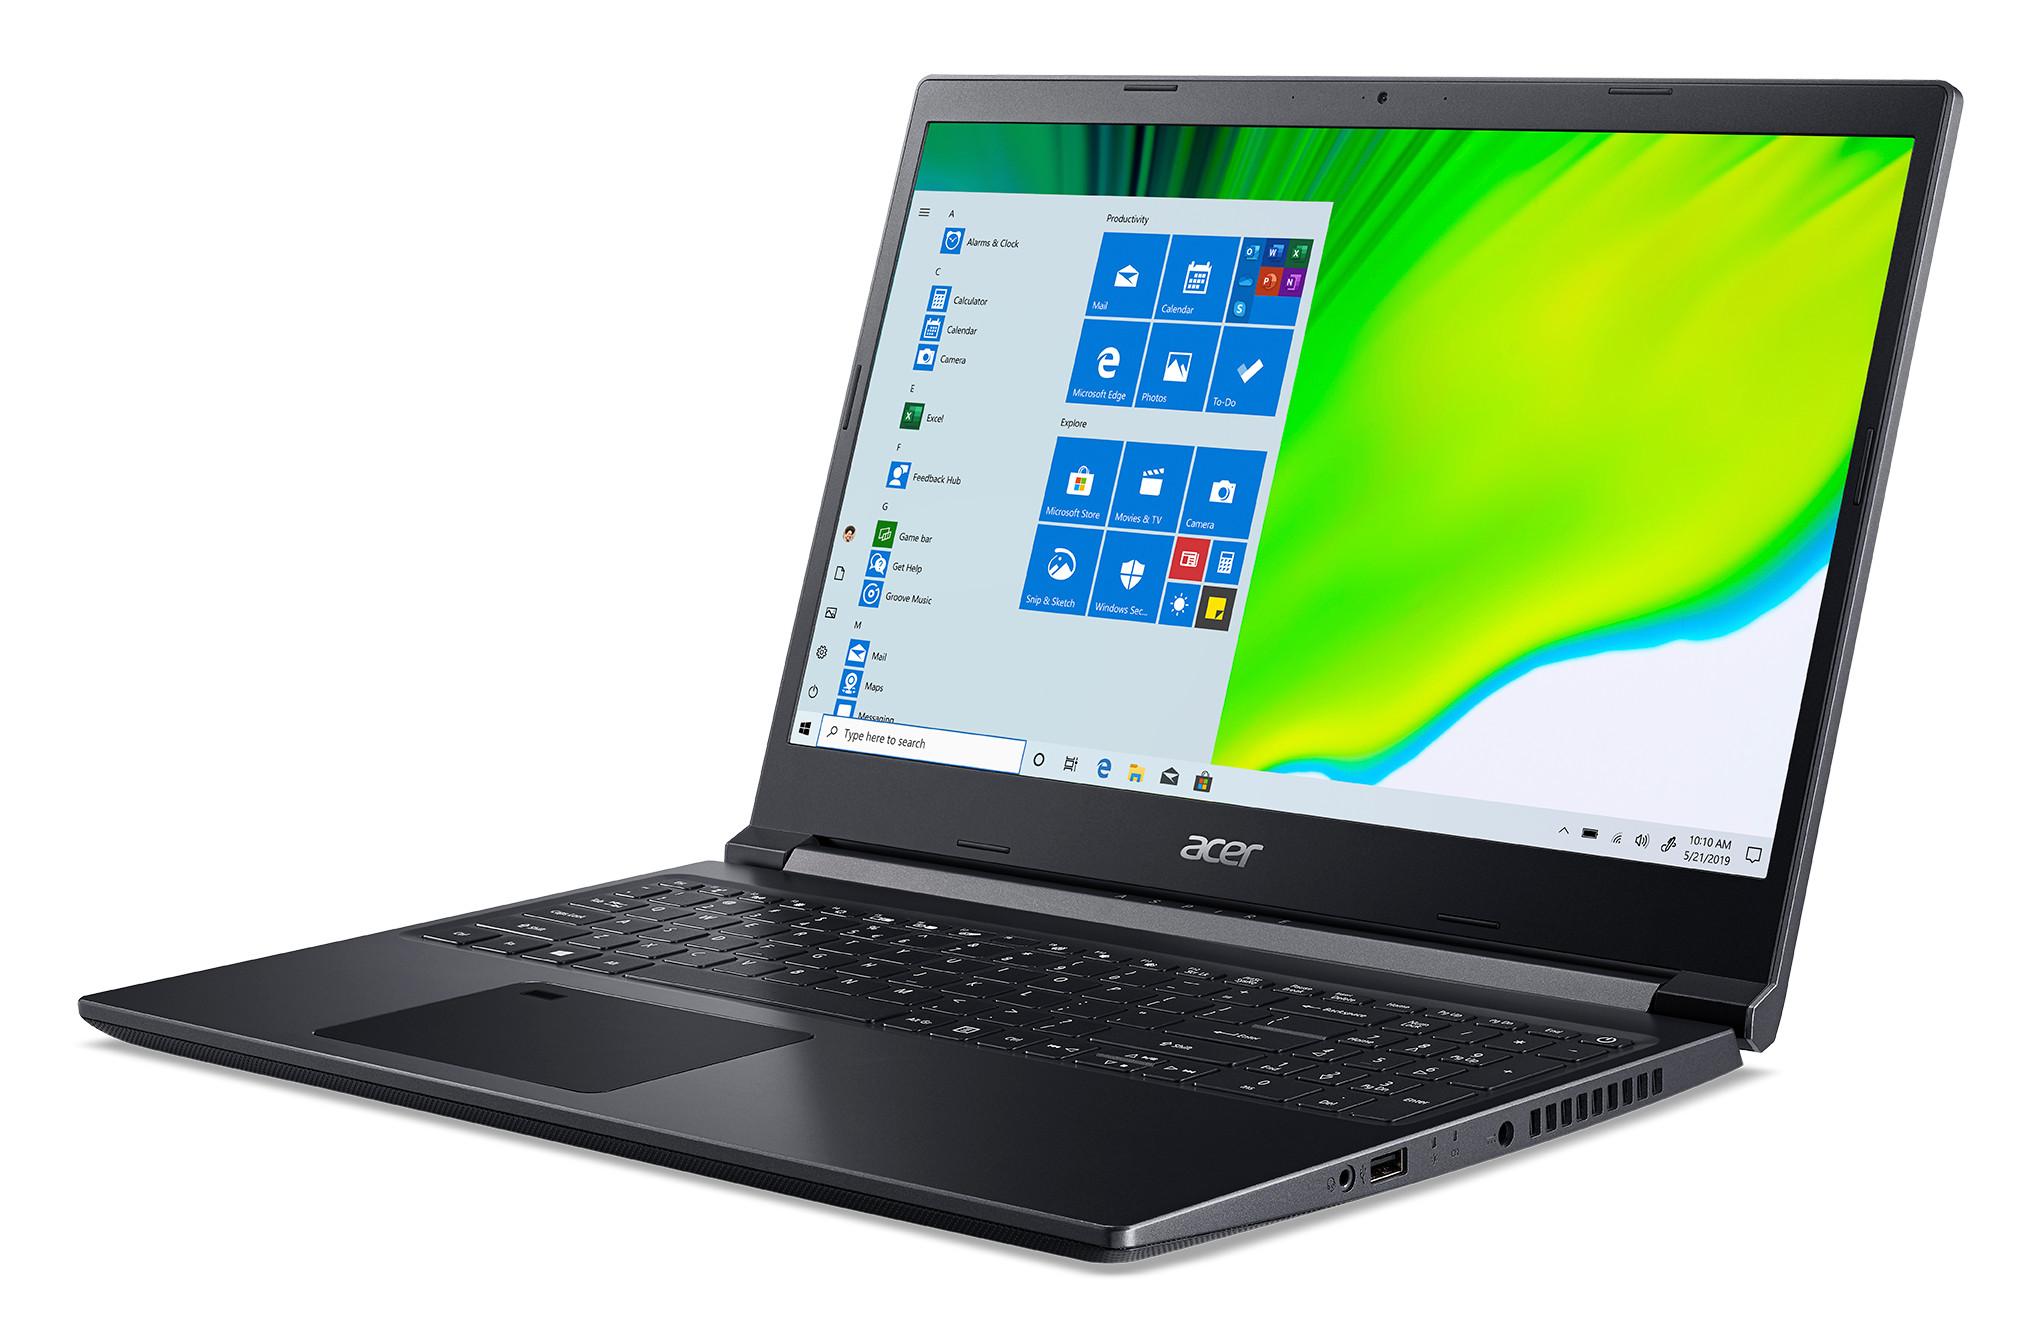 Acer Aspire 7 A715-75G-751G